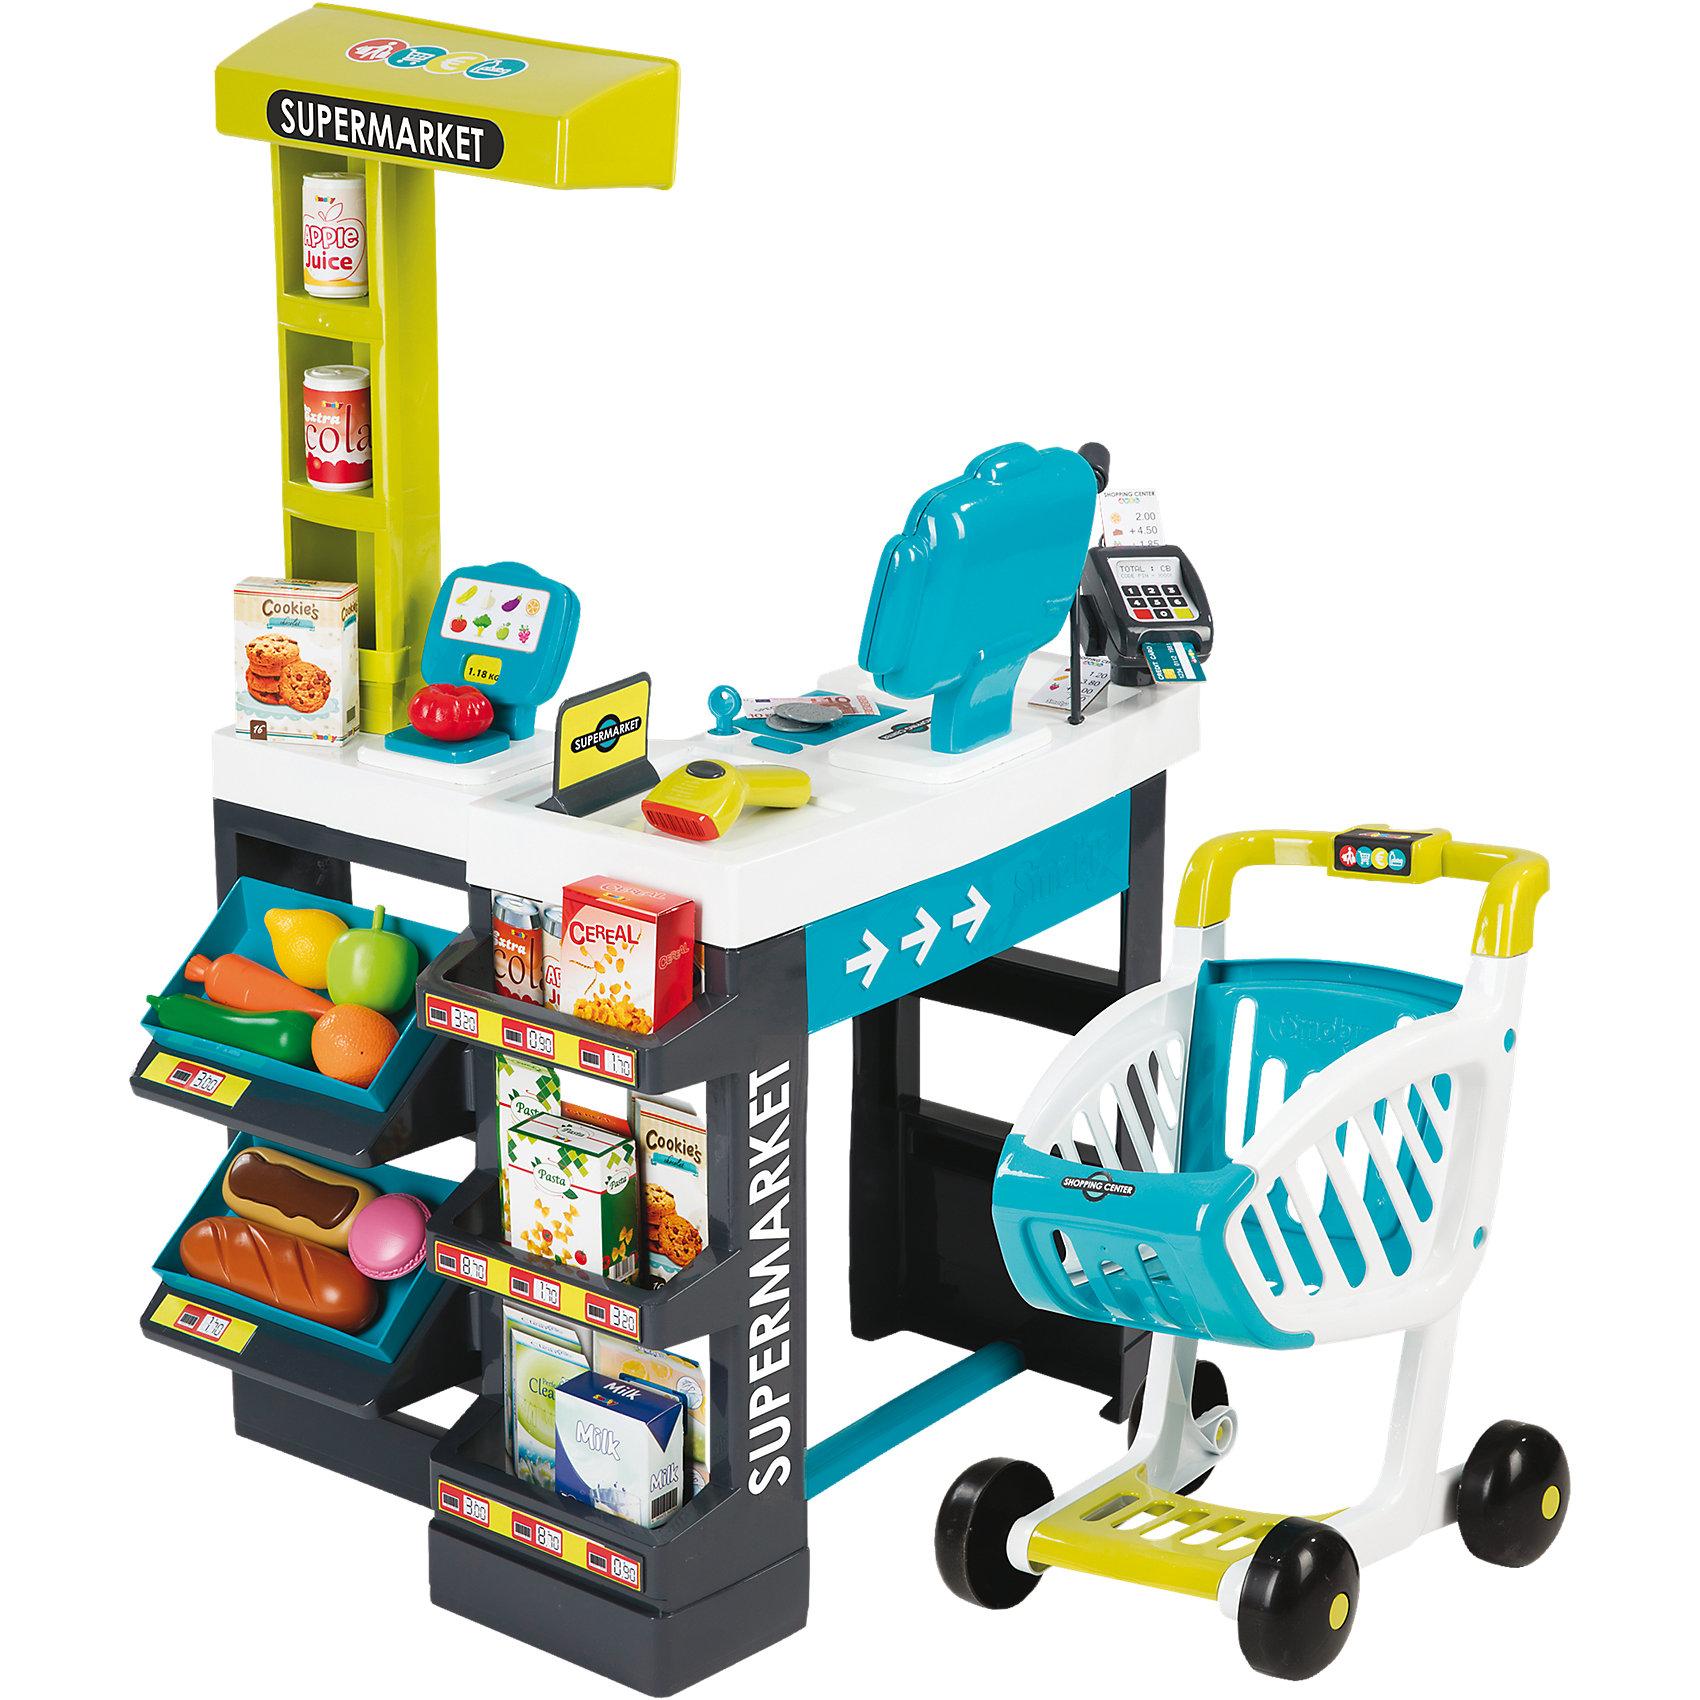 Магазин супермаркет с тележкой, со звуком, синий, SmobyДетские магазины и аксесссуары<br><br><br>Ширина мм: 494<br>Глубина мм: 237<br>Высота мм: 697<br>Вес г: 4050<br>Возраст от месяцев: 36<br>Возраст до месяцев: 60<br>Пол: Унисекс<br>Возраст: Детский<br>SKU: 4687388